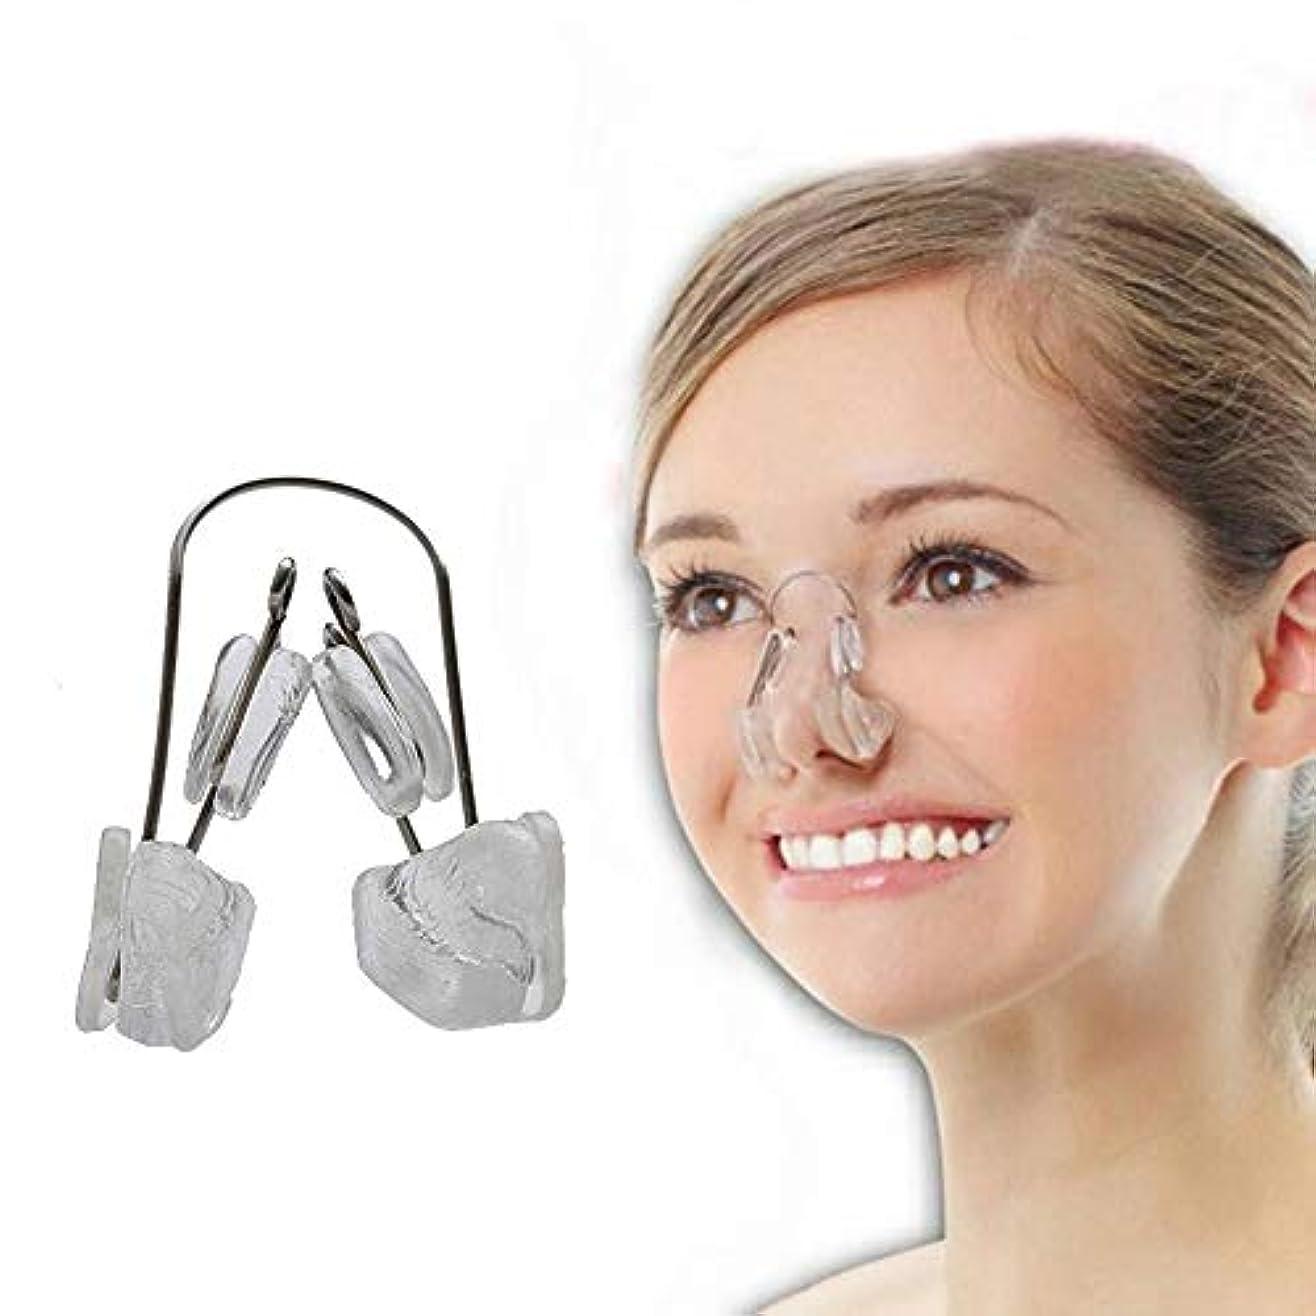 借りる証書出身地Lindexs ないノーズアップピン ノーズアップピン 美鼻クリップ 鼻高く 鼻筋 矯正 (クリア)